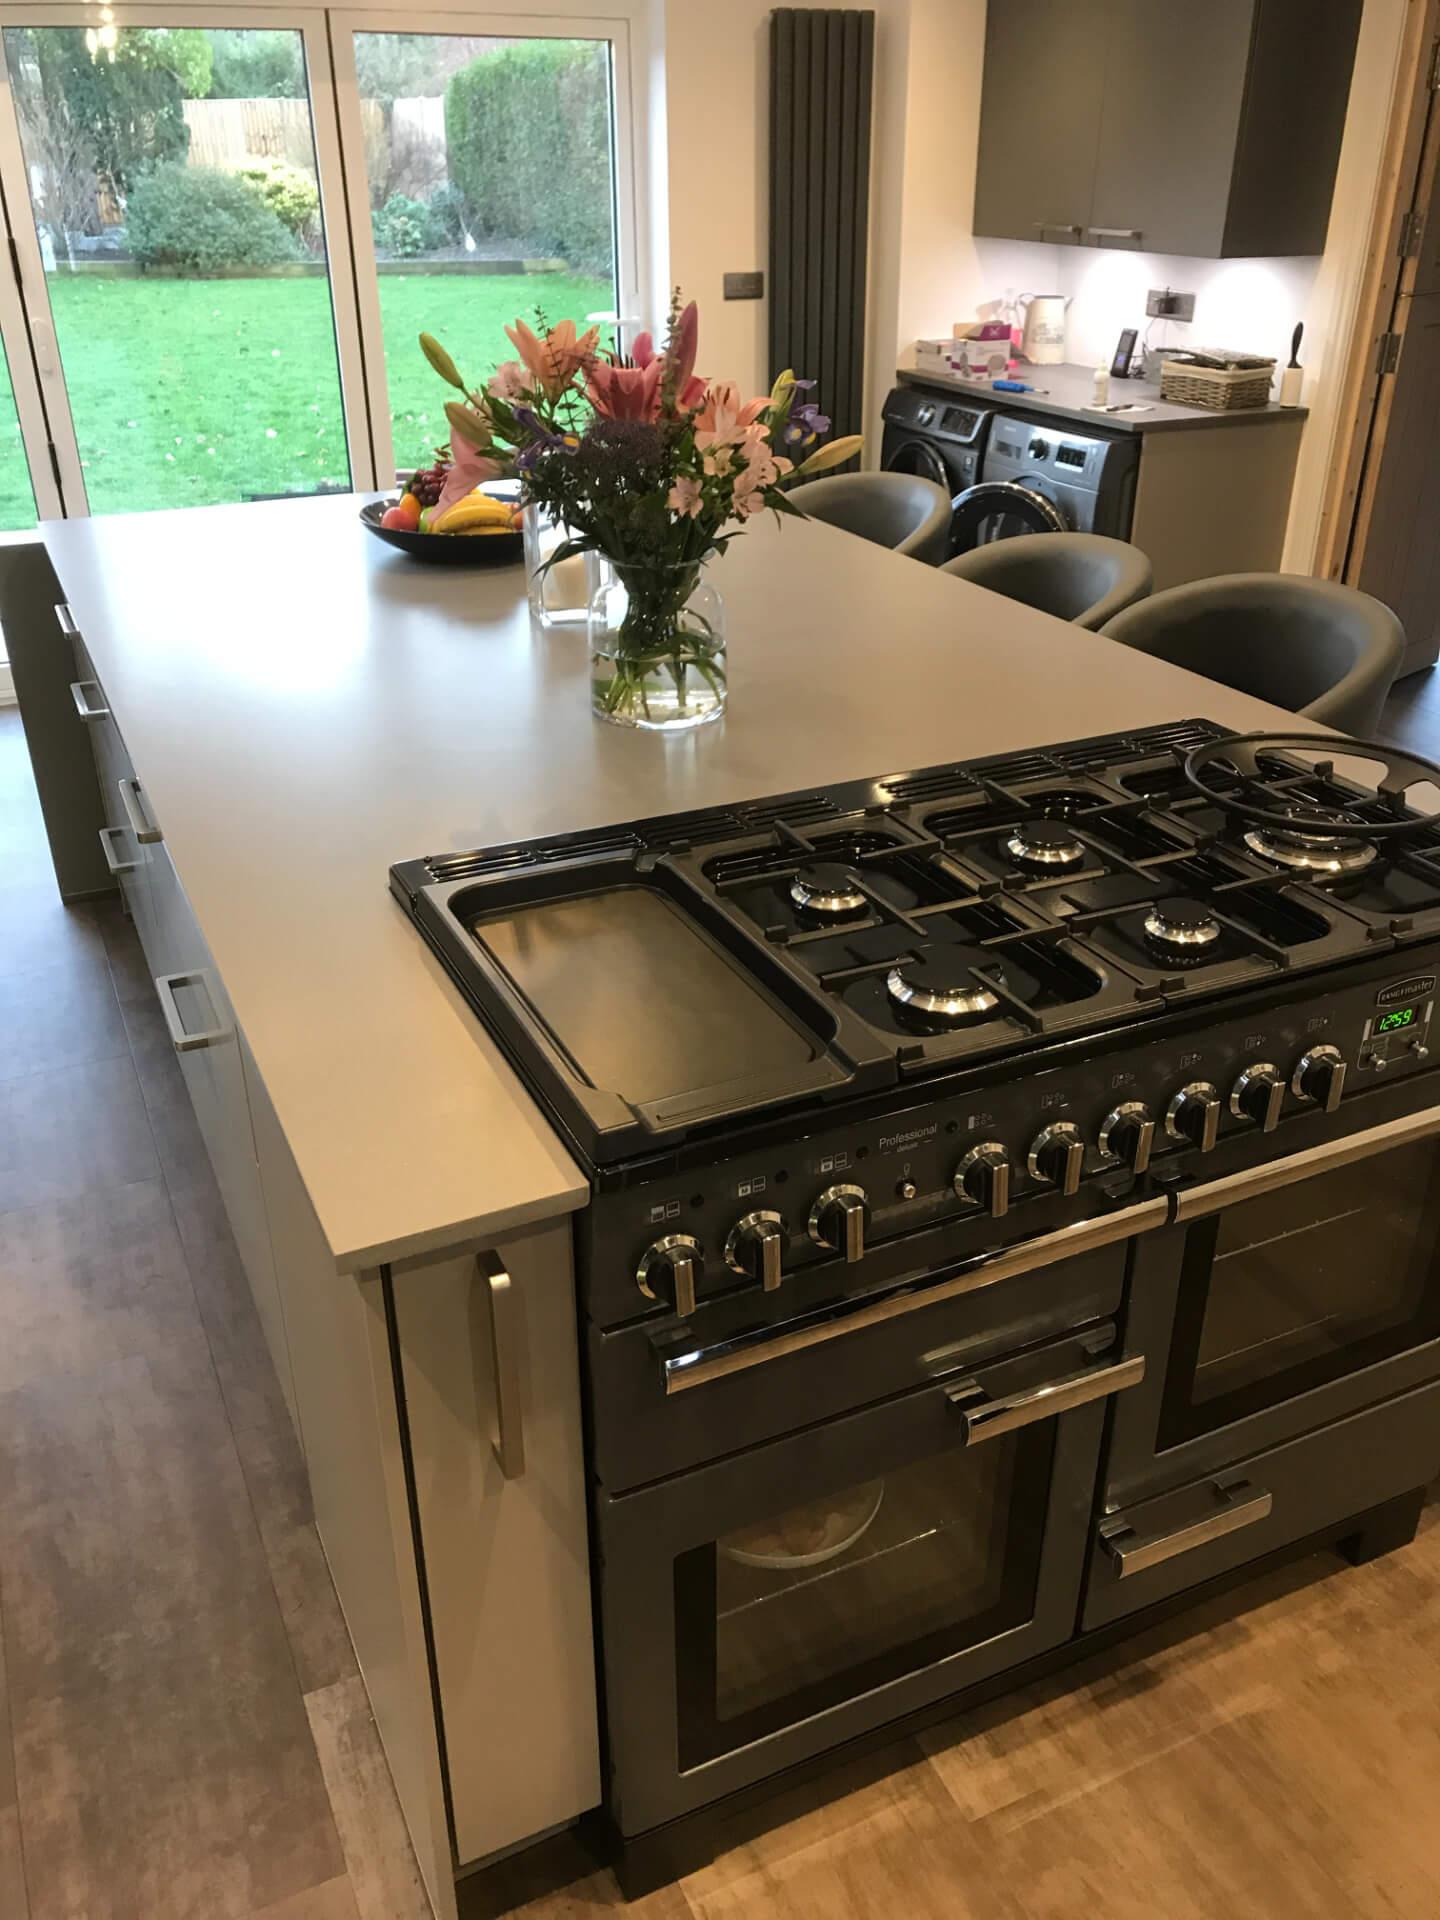 New Kitchen Oven